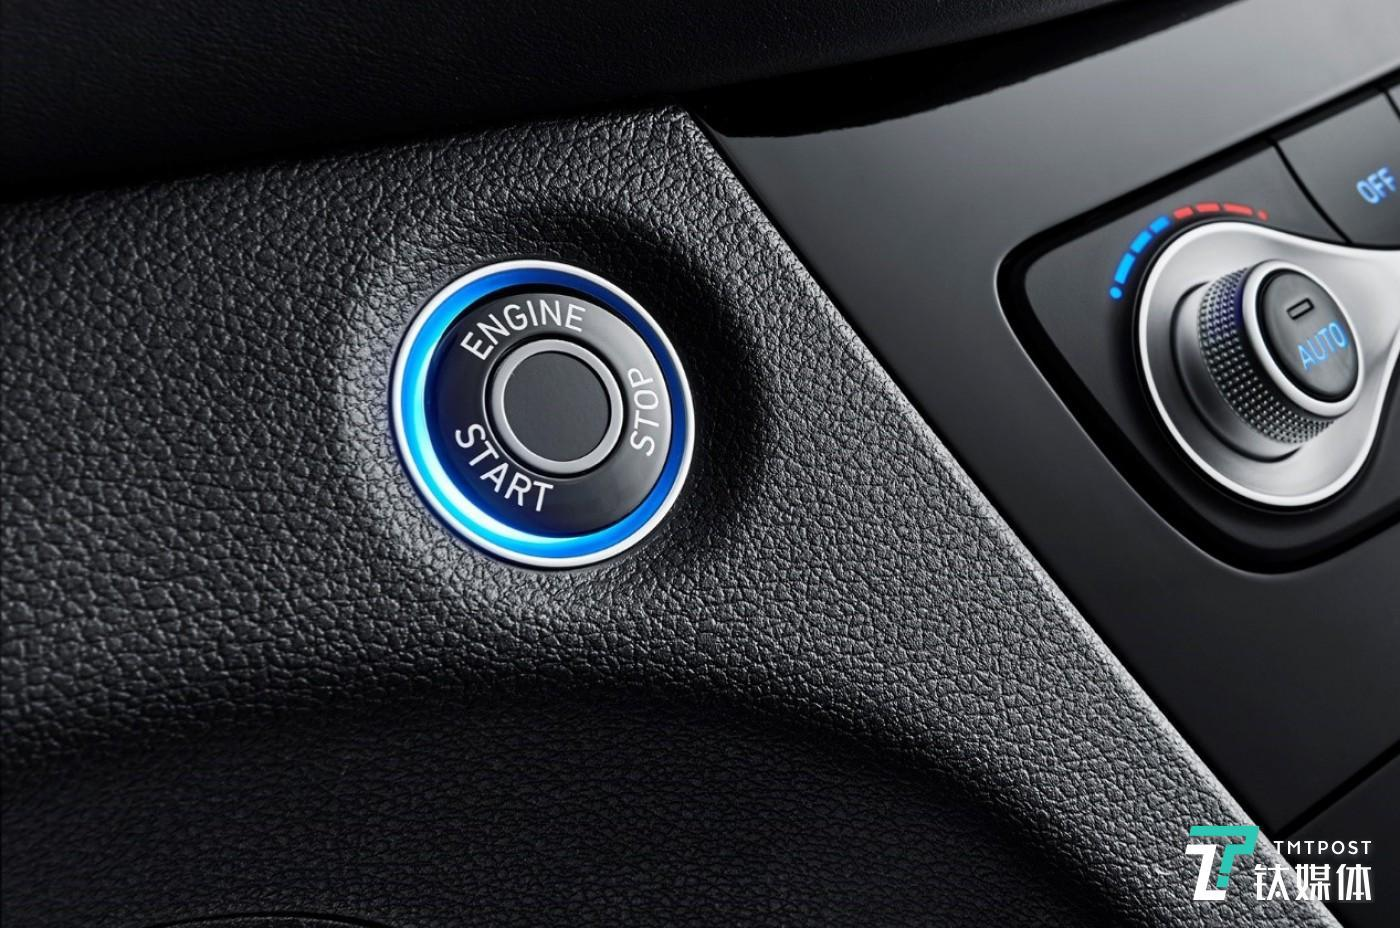 指纹识别系统不仅能够替代钥匙,而且可以根据不同指纹选择预设调整方案